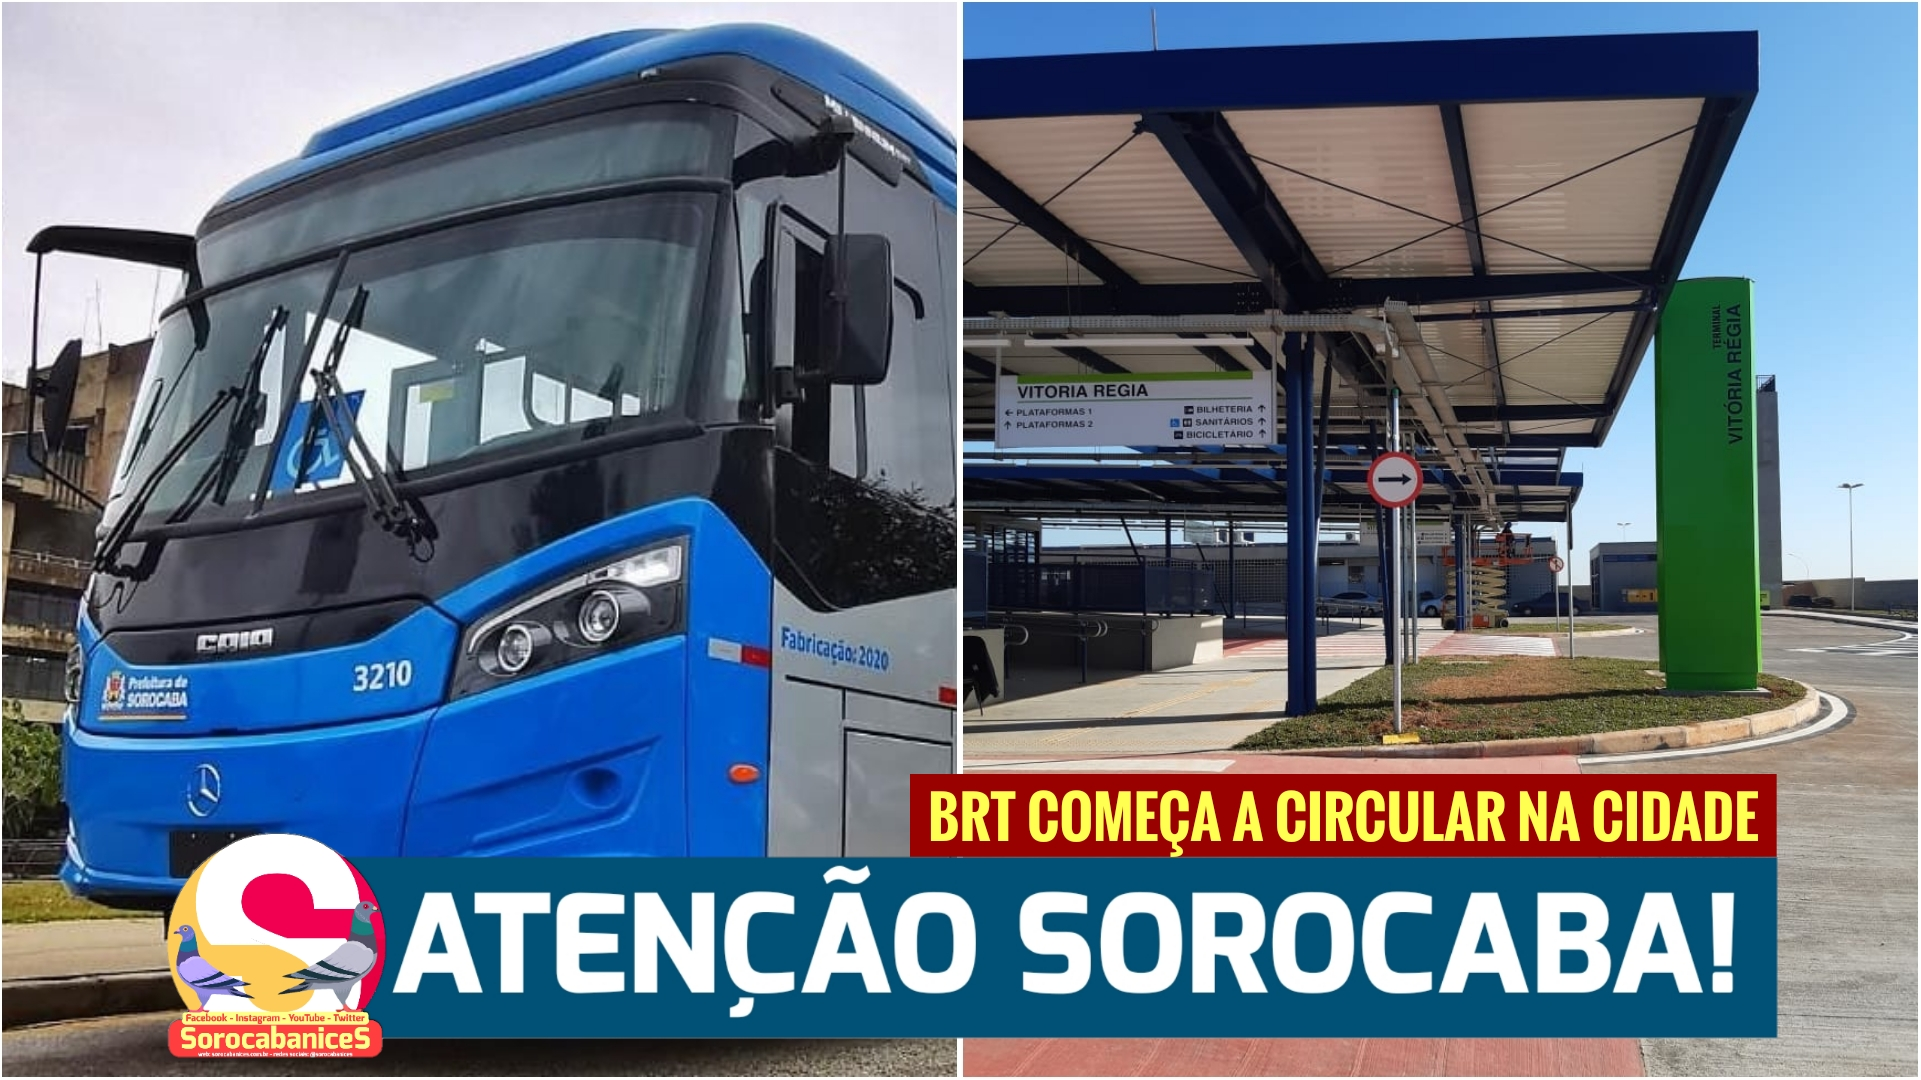 BRT começa a circular hoje em Sorocaba, veja as linhas, bairros e horários